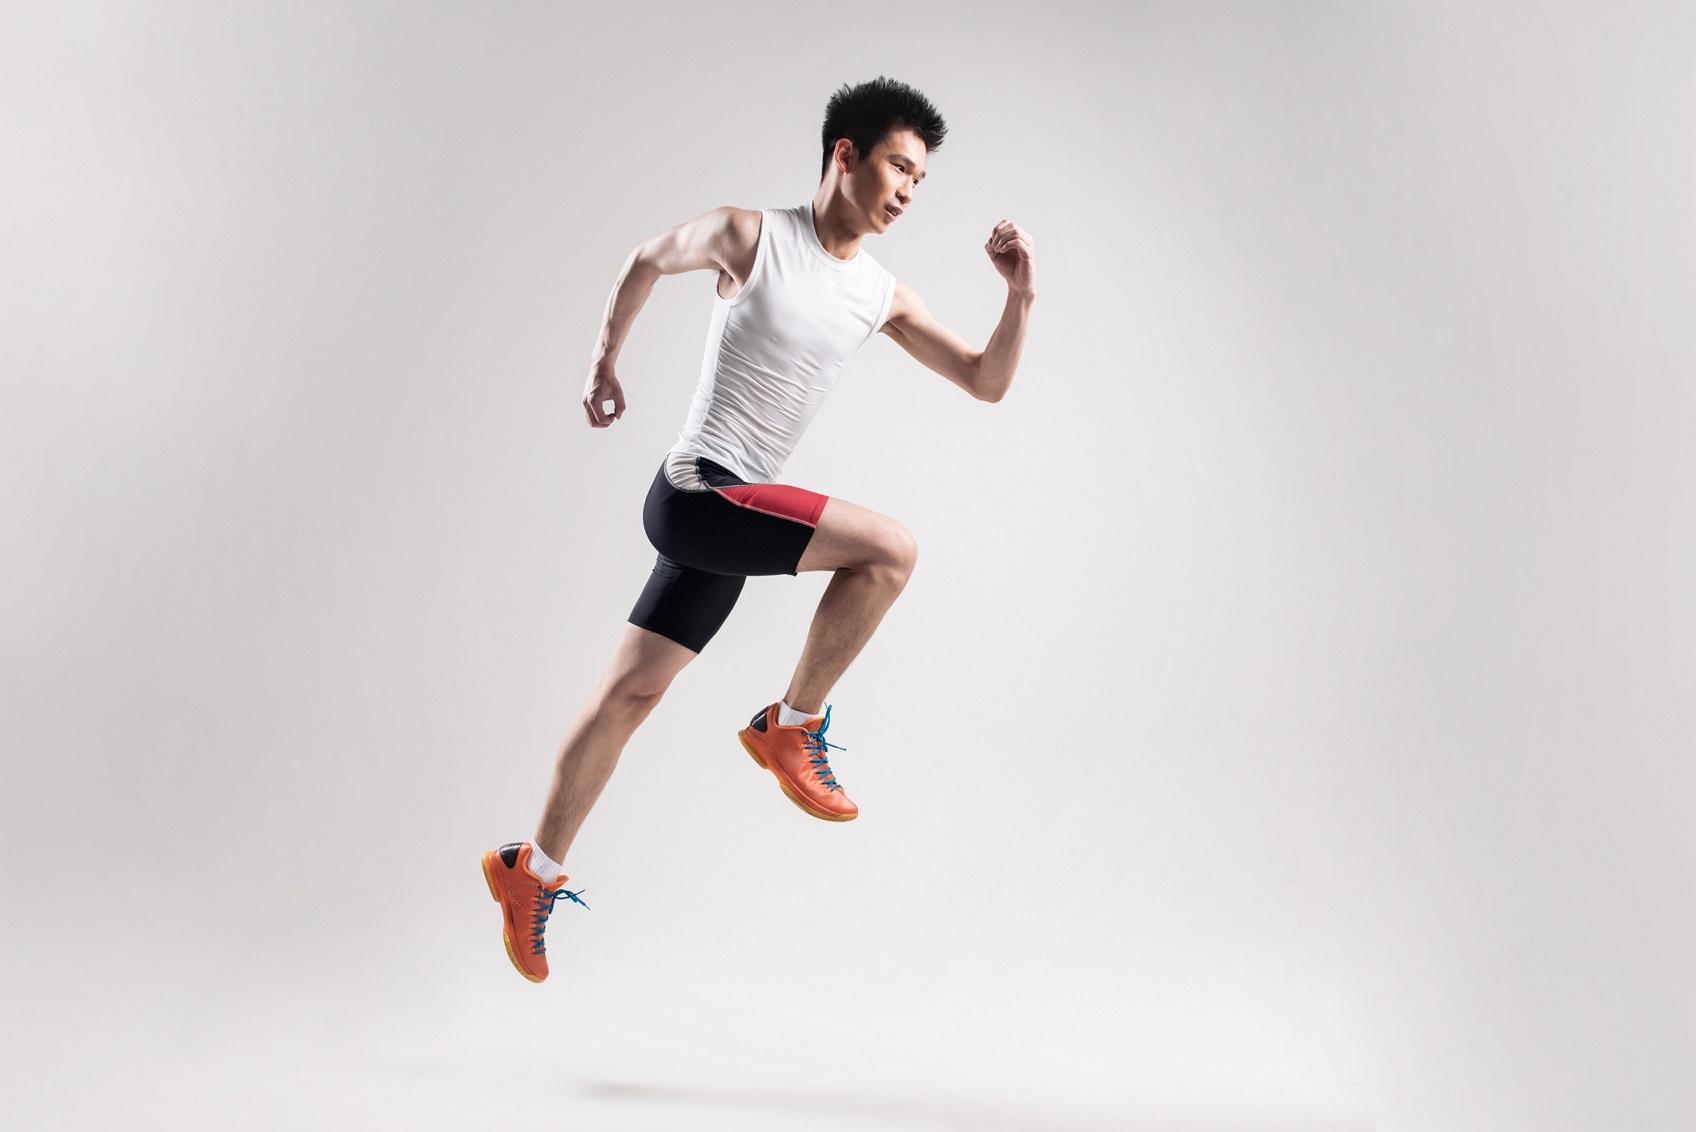 高く飛ぶための筋肉を鍛える。ジャンプ力を上げる筋トレ方法とポイント